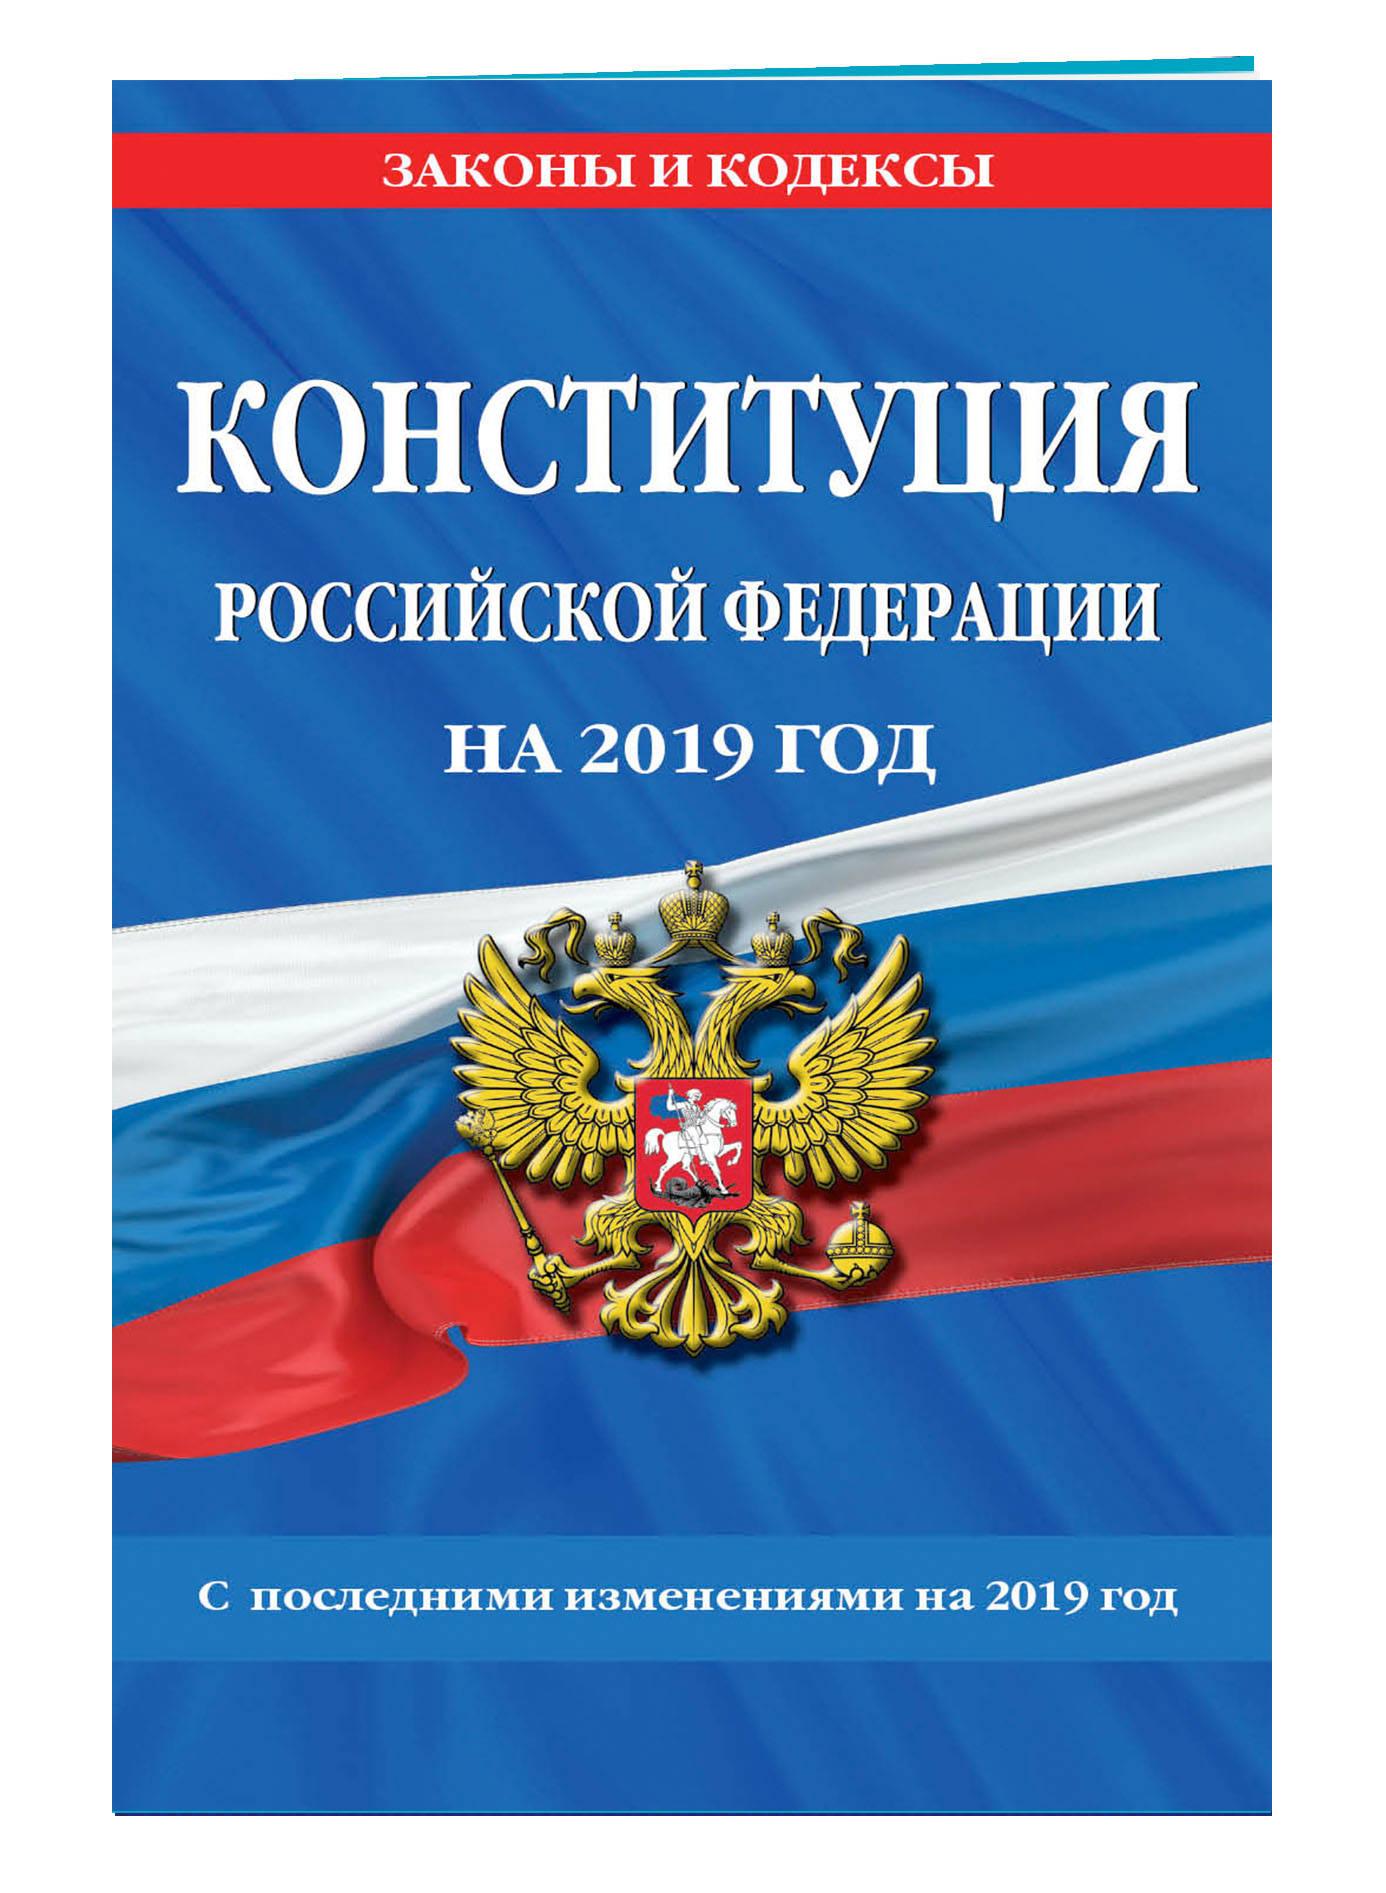 Конституция Российской Федерации со всеми посл. изм. на 2019 год конституция российской федерации со всеми посл изм на 2019 г